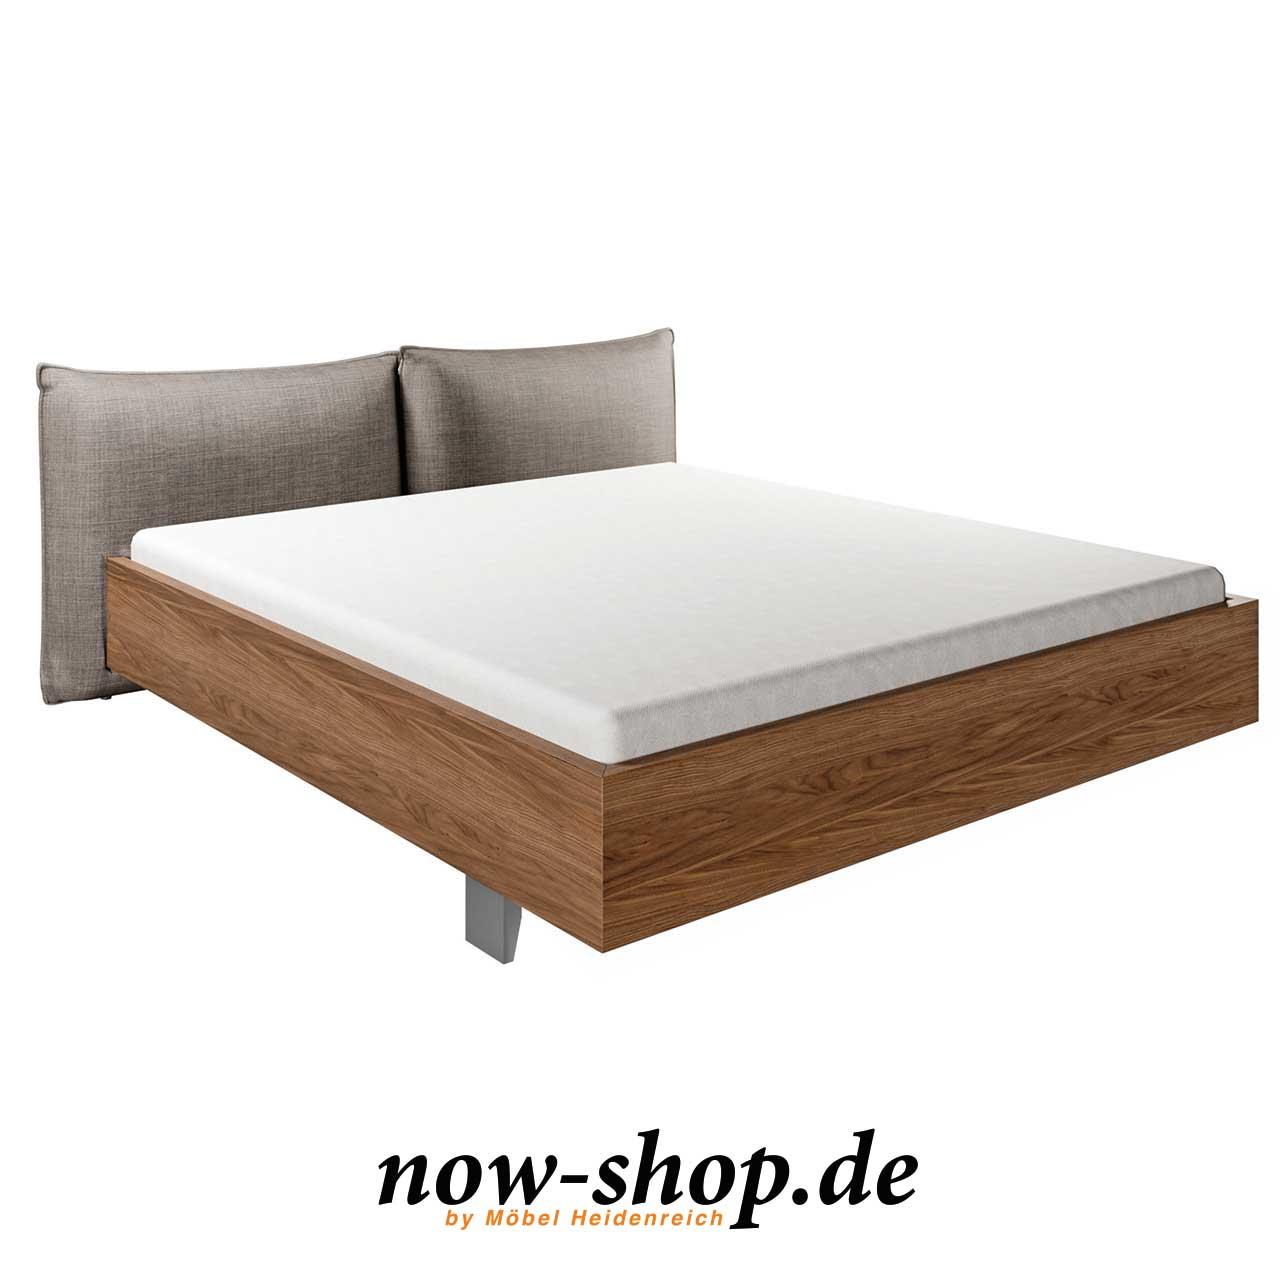 now! by hülsta - No. 13 Bett mit Polsterkopfteil